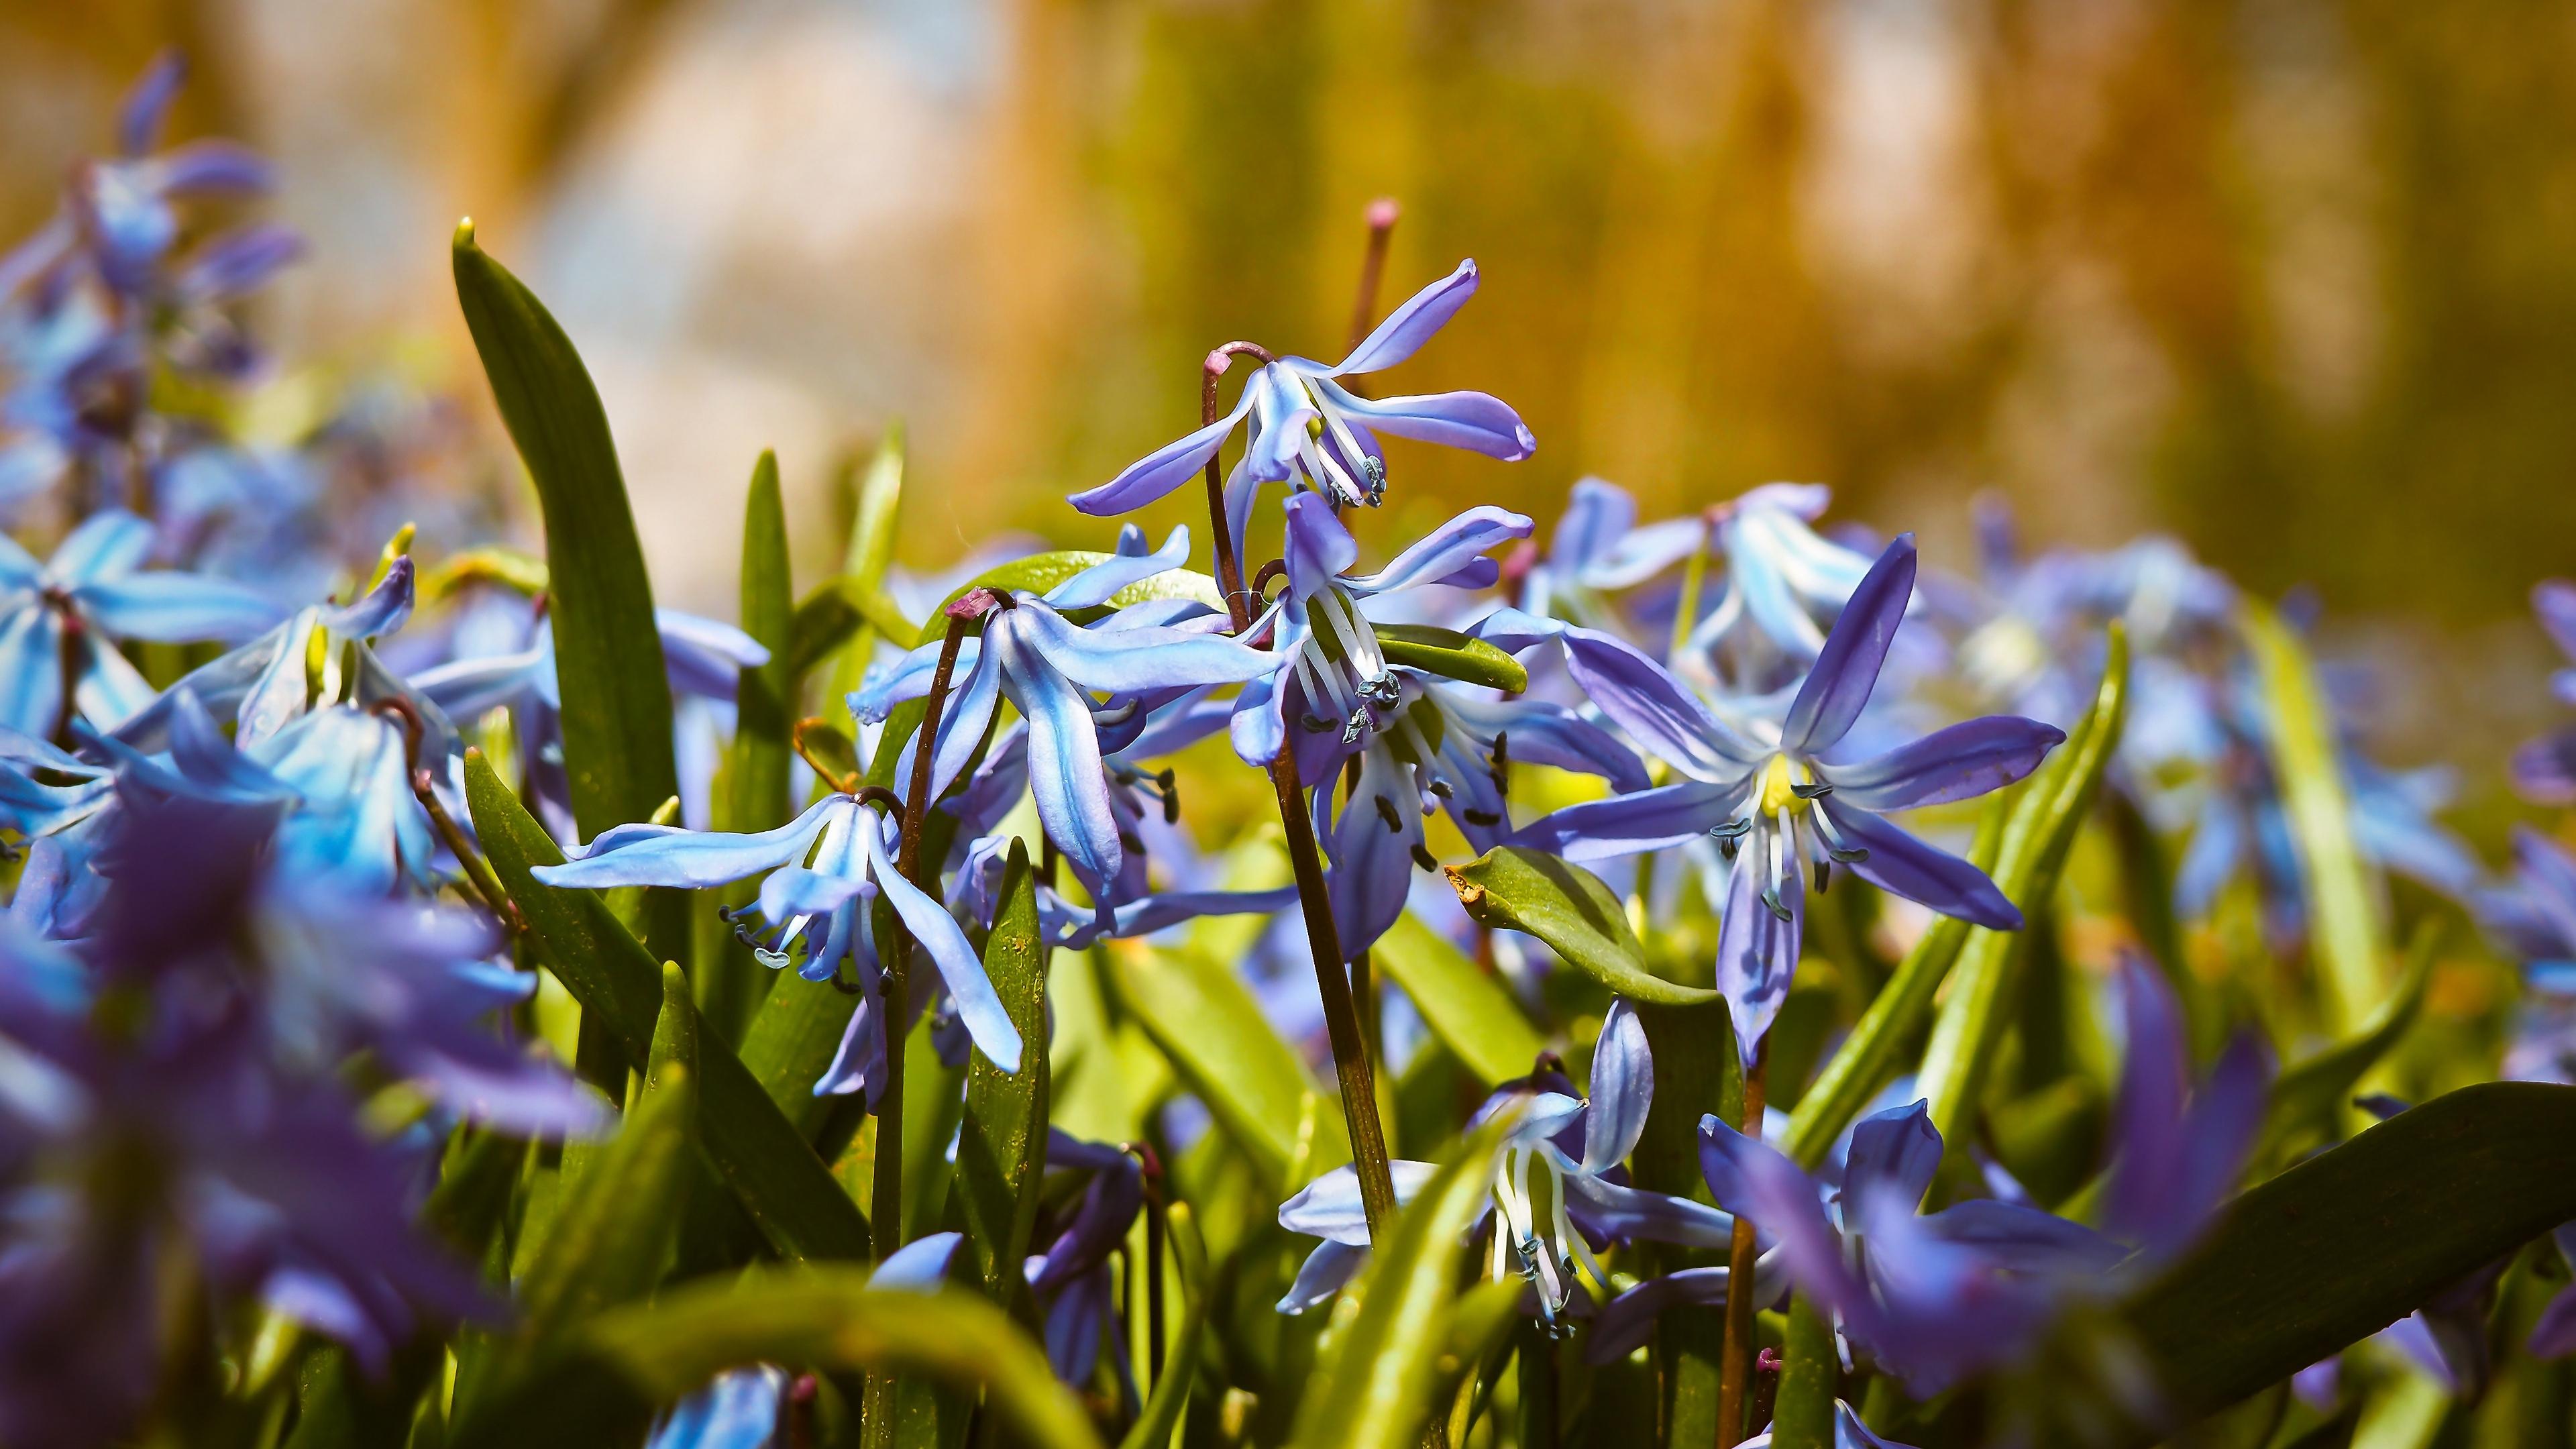 bells flowers macro 4k 1540064803 - bells, flowers, macro 4k - Macro, Flowers, bells